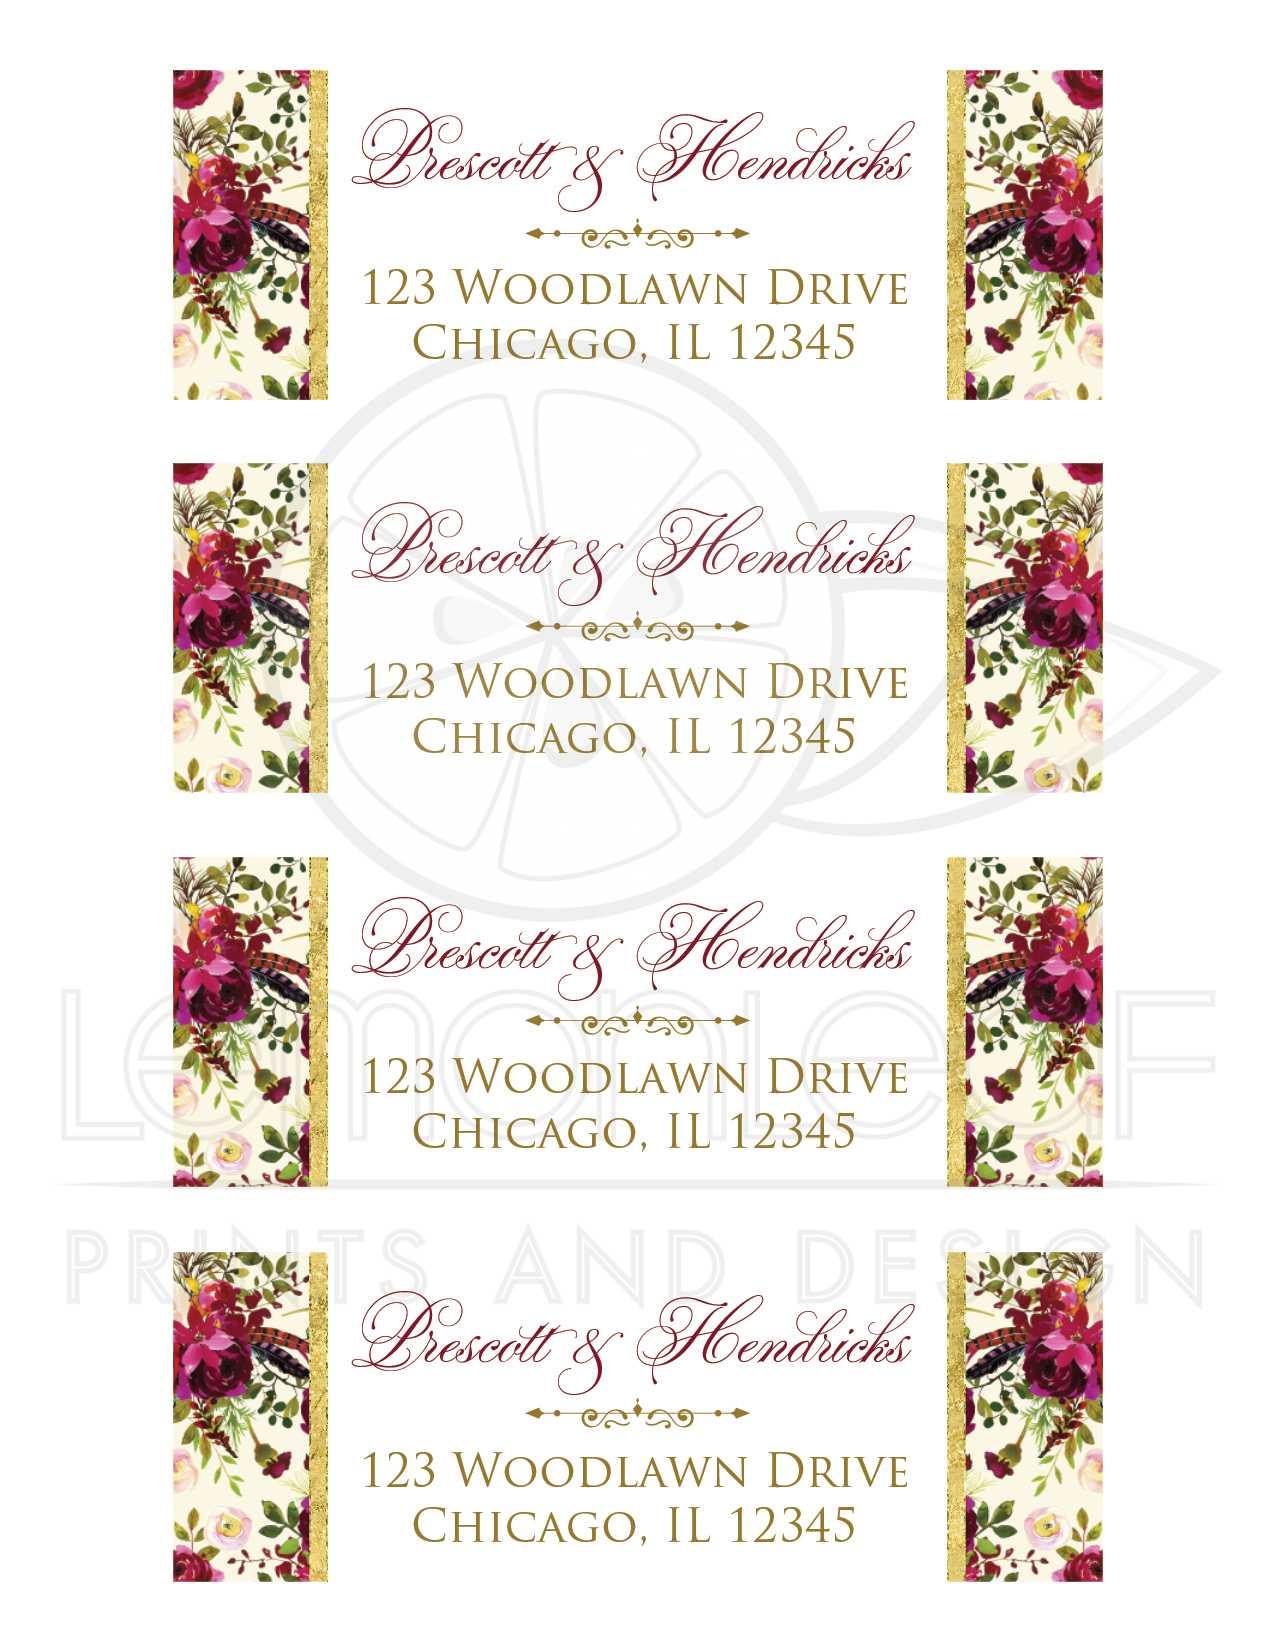 Marsala floral return address labels \u2022 Burgundy and blush mailing labels for Wedding invitations \u2022 Burgundy return address labels \u2022